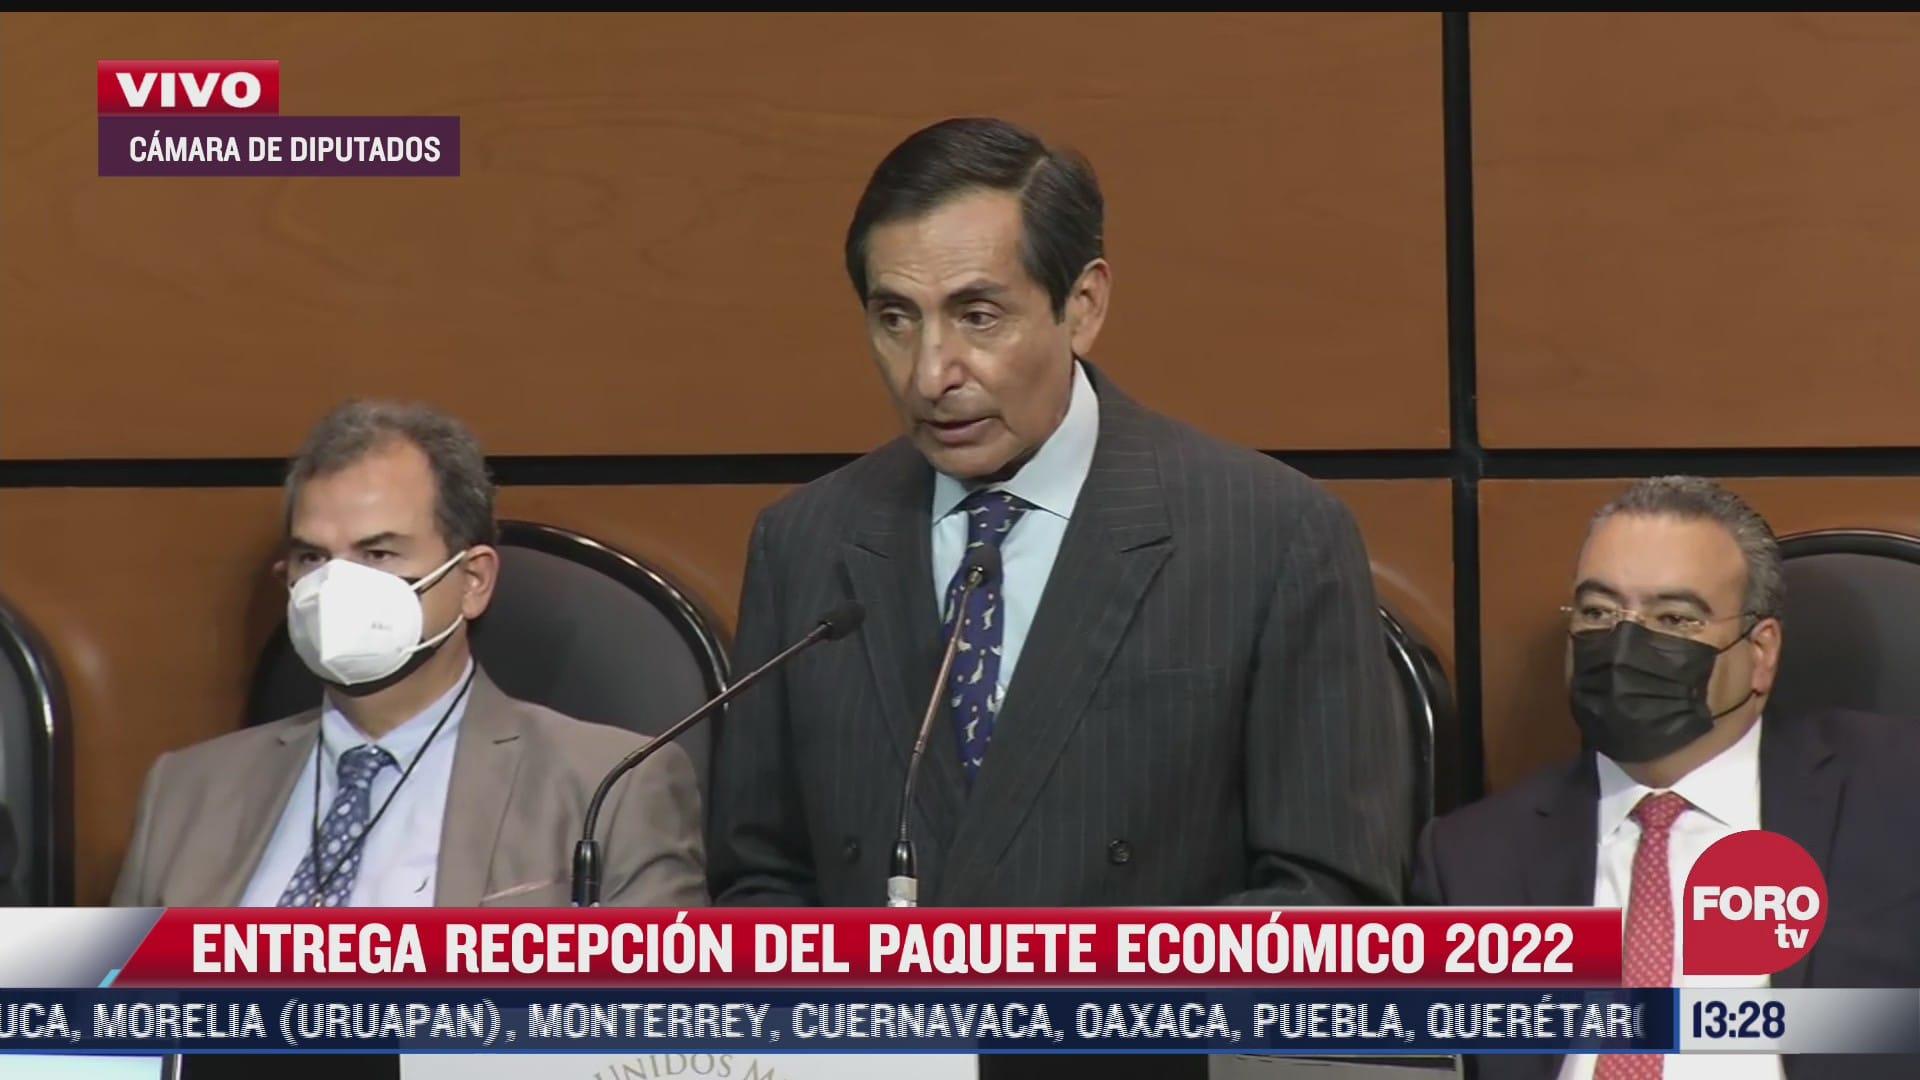 secretario de hacienda entrega el paquete economico 2022 a la camara de diputados